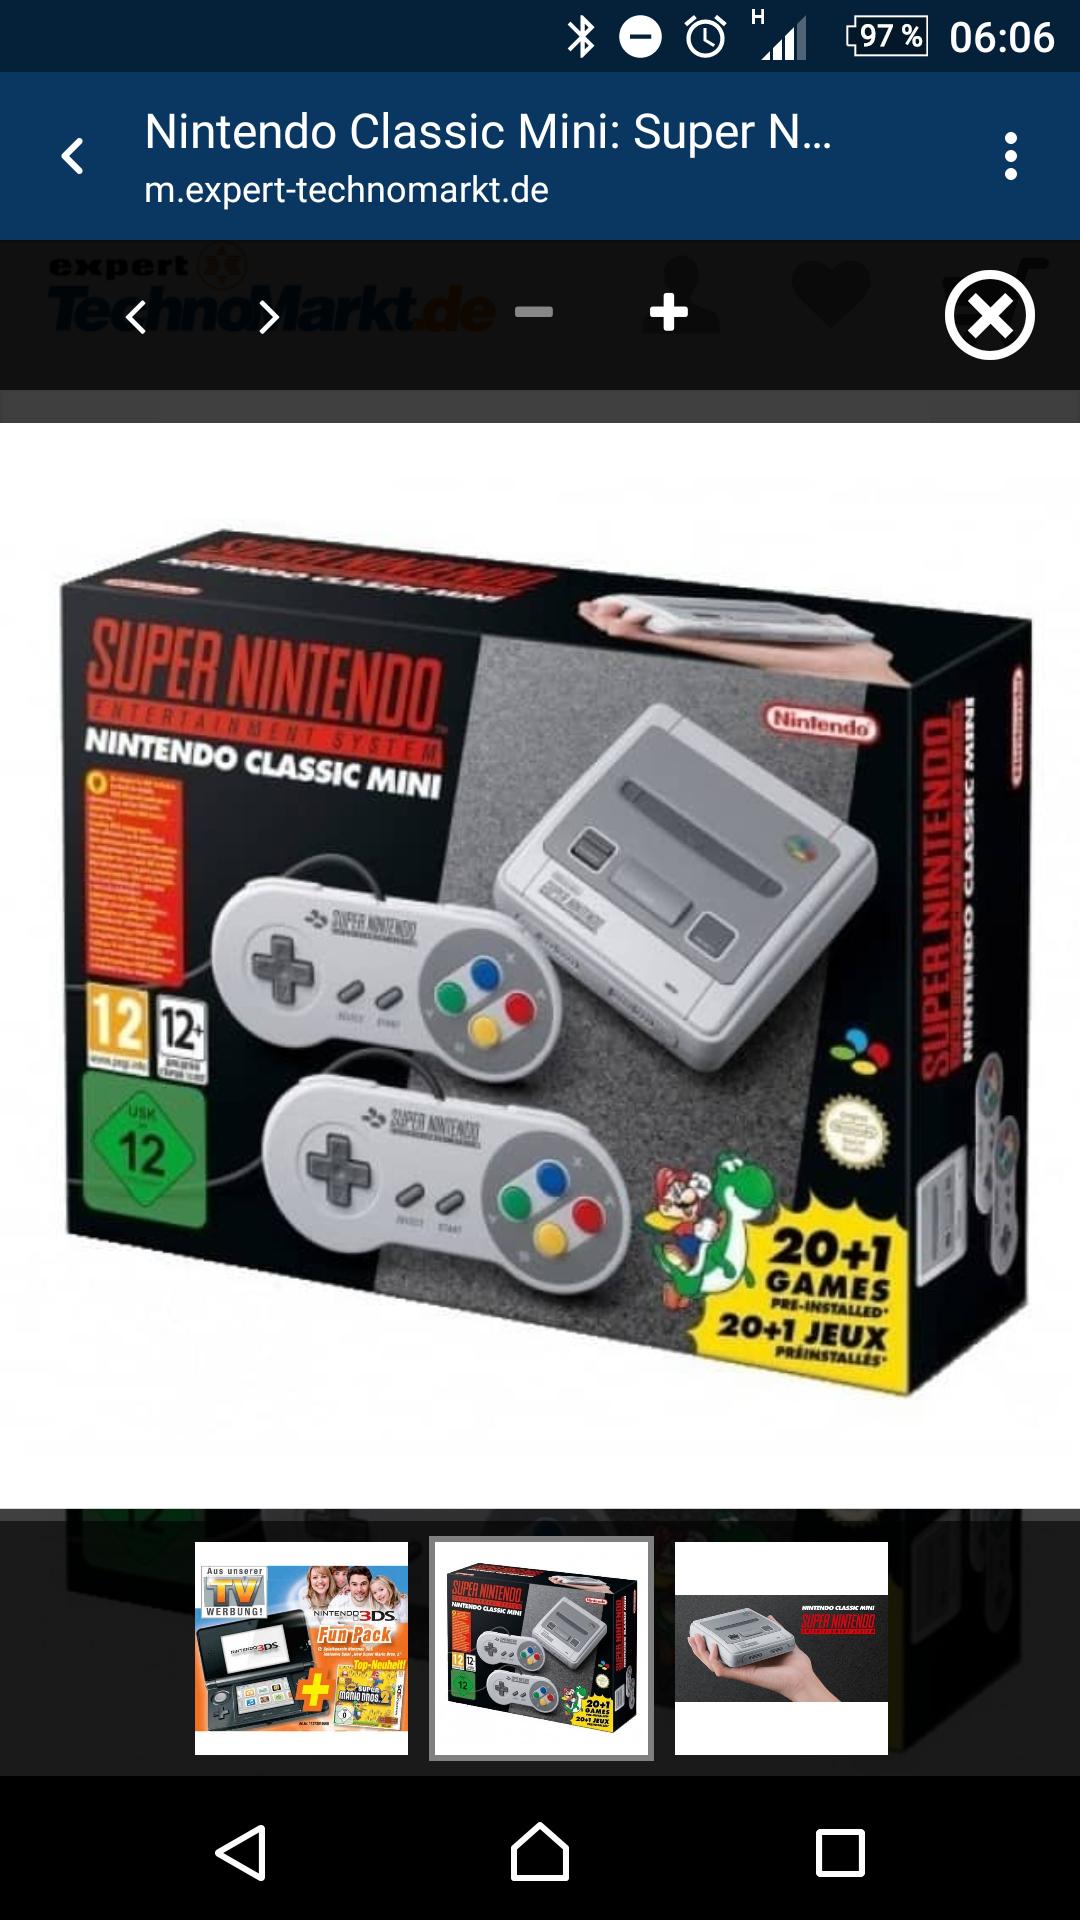 Super Nintendo classic Mini für 99 Euro bei Expert-Technomarkt vorbestellbar